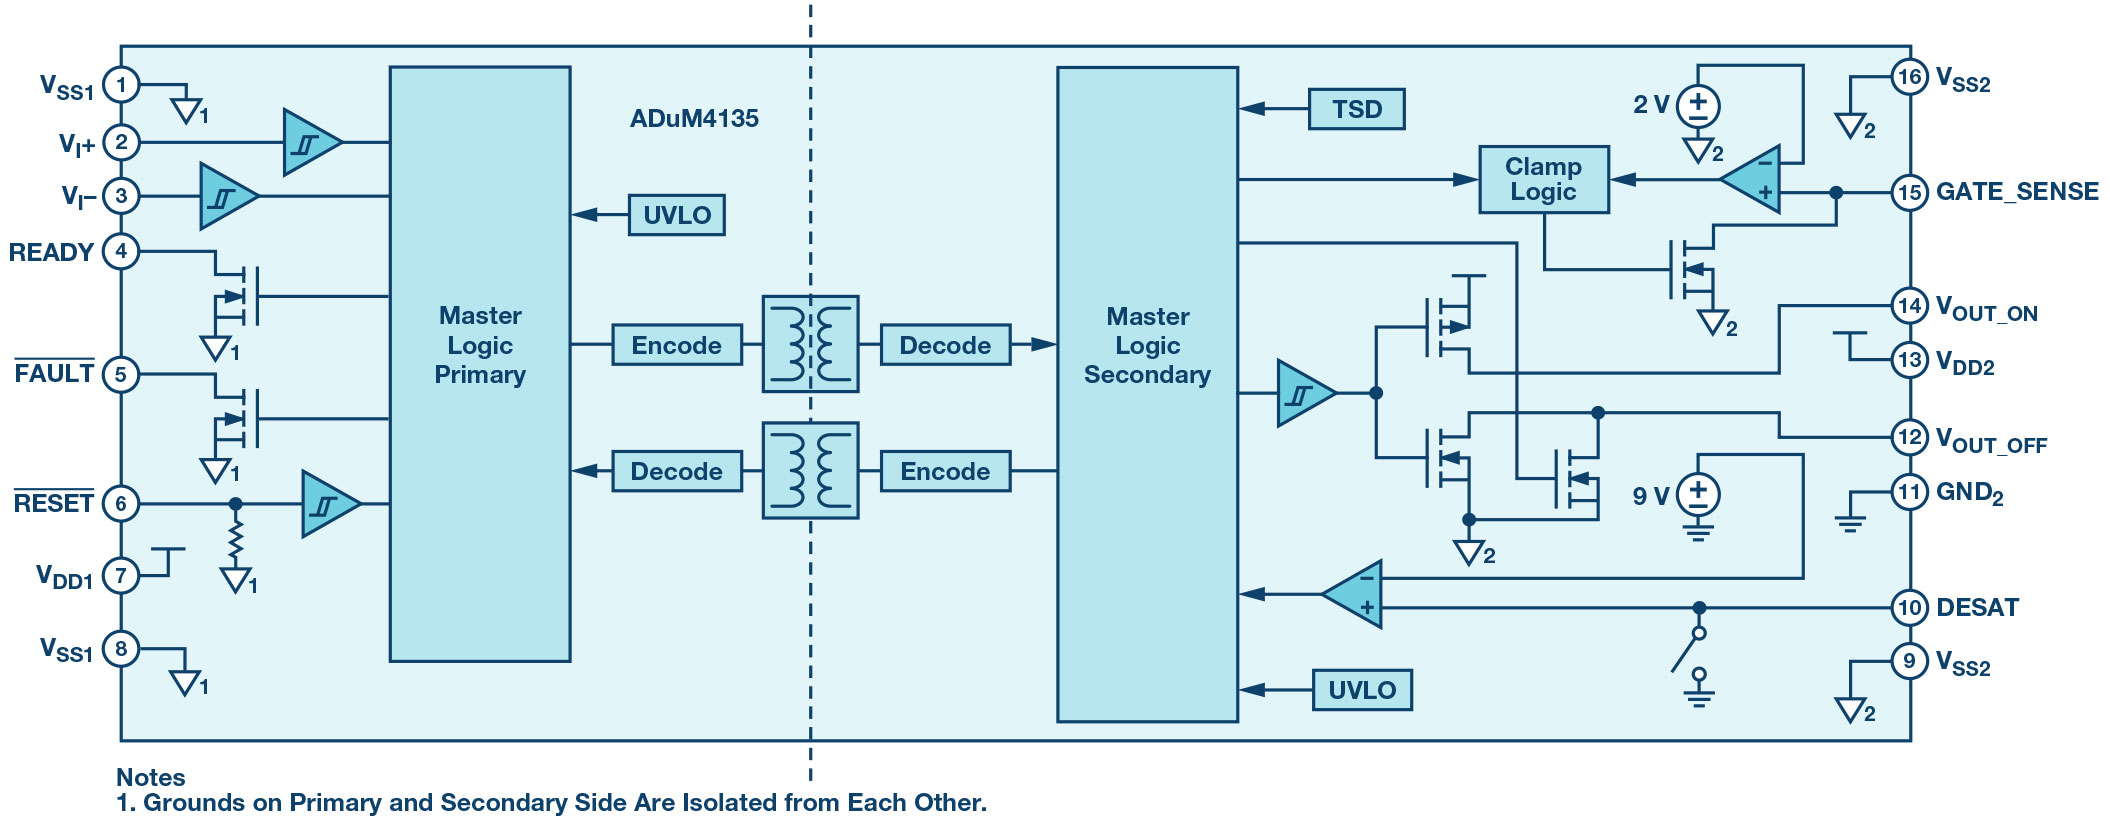 medium resolution of adum4135 block diagram